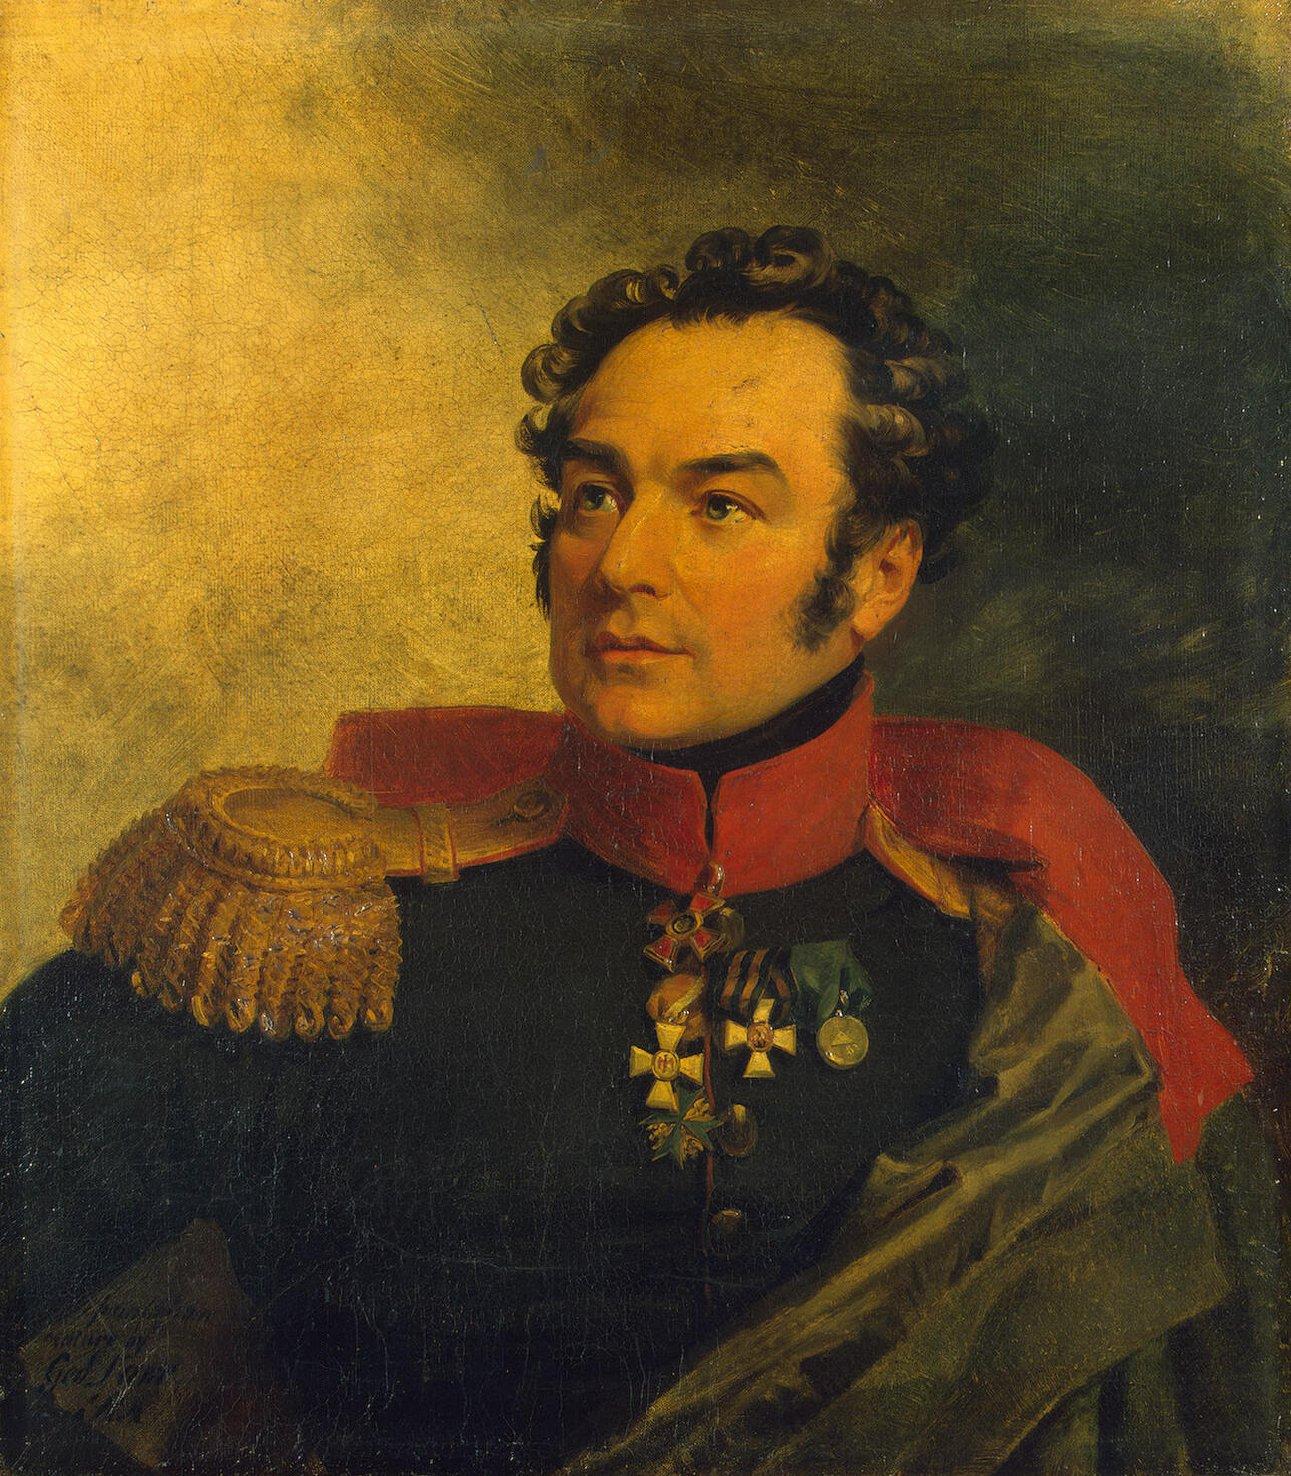 Балабин, Пётр Иванович